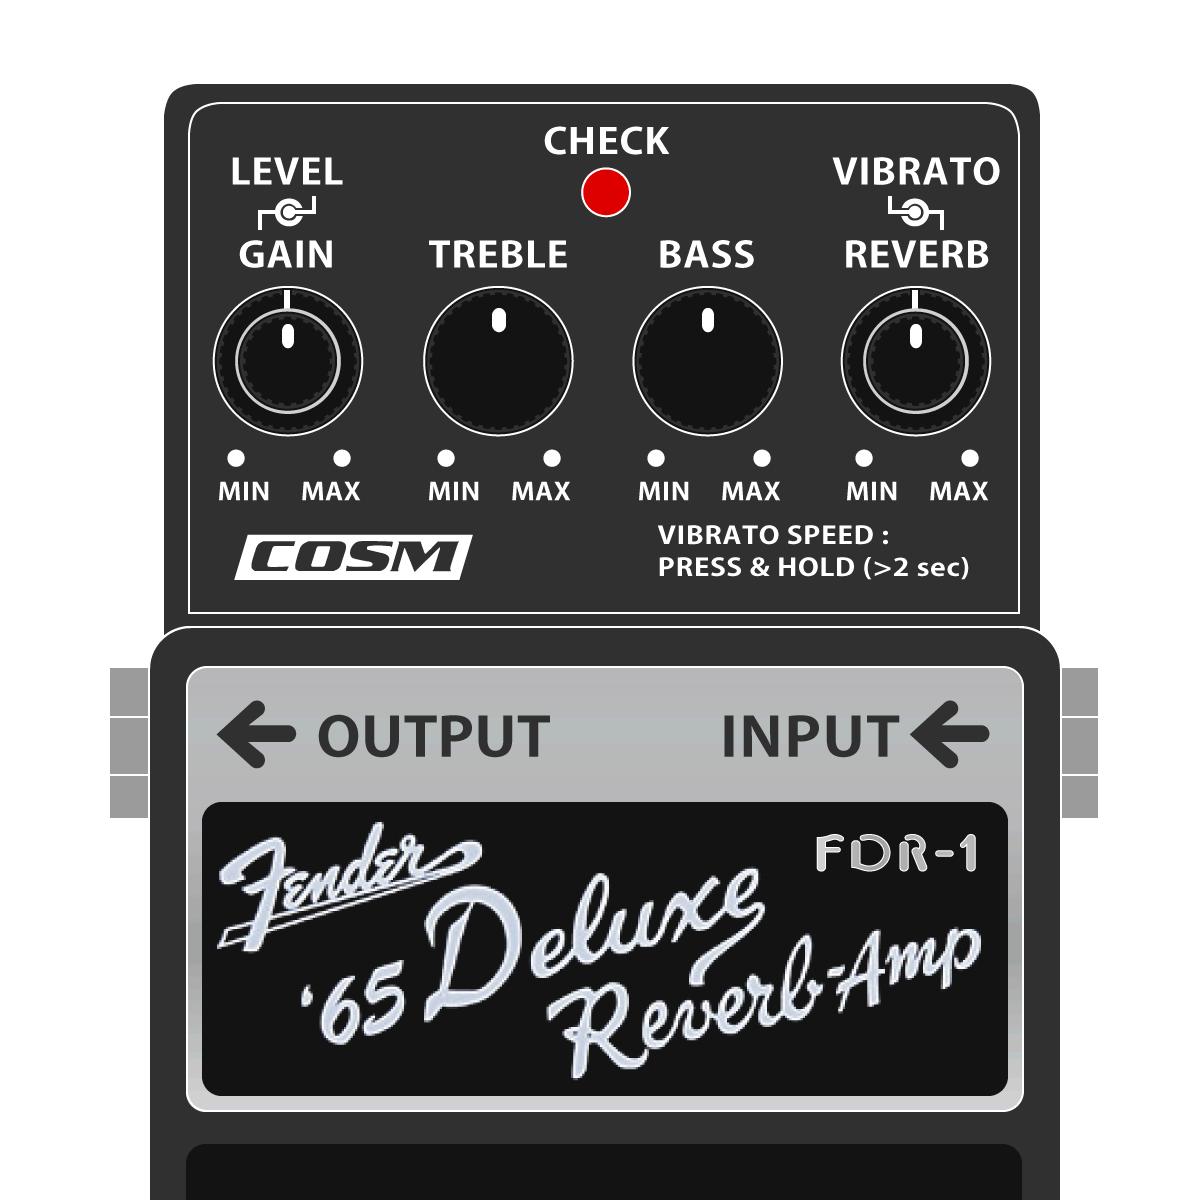 FDR-1 Fender '65 Deluxe Reverb Amp(BOSSレジェンドシリーズ デラックスリバーブ)